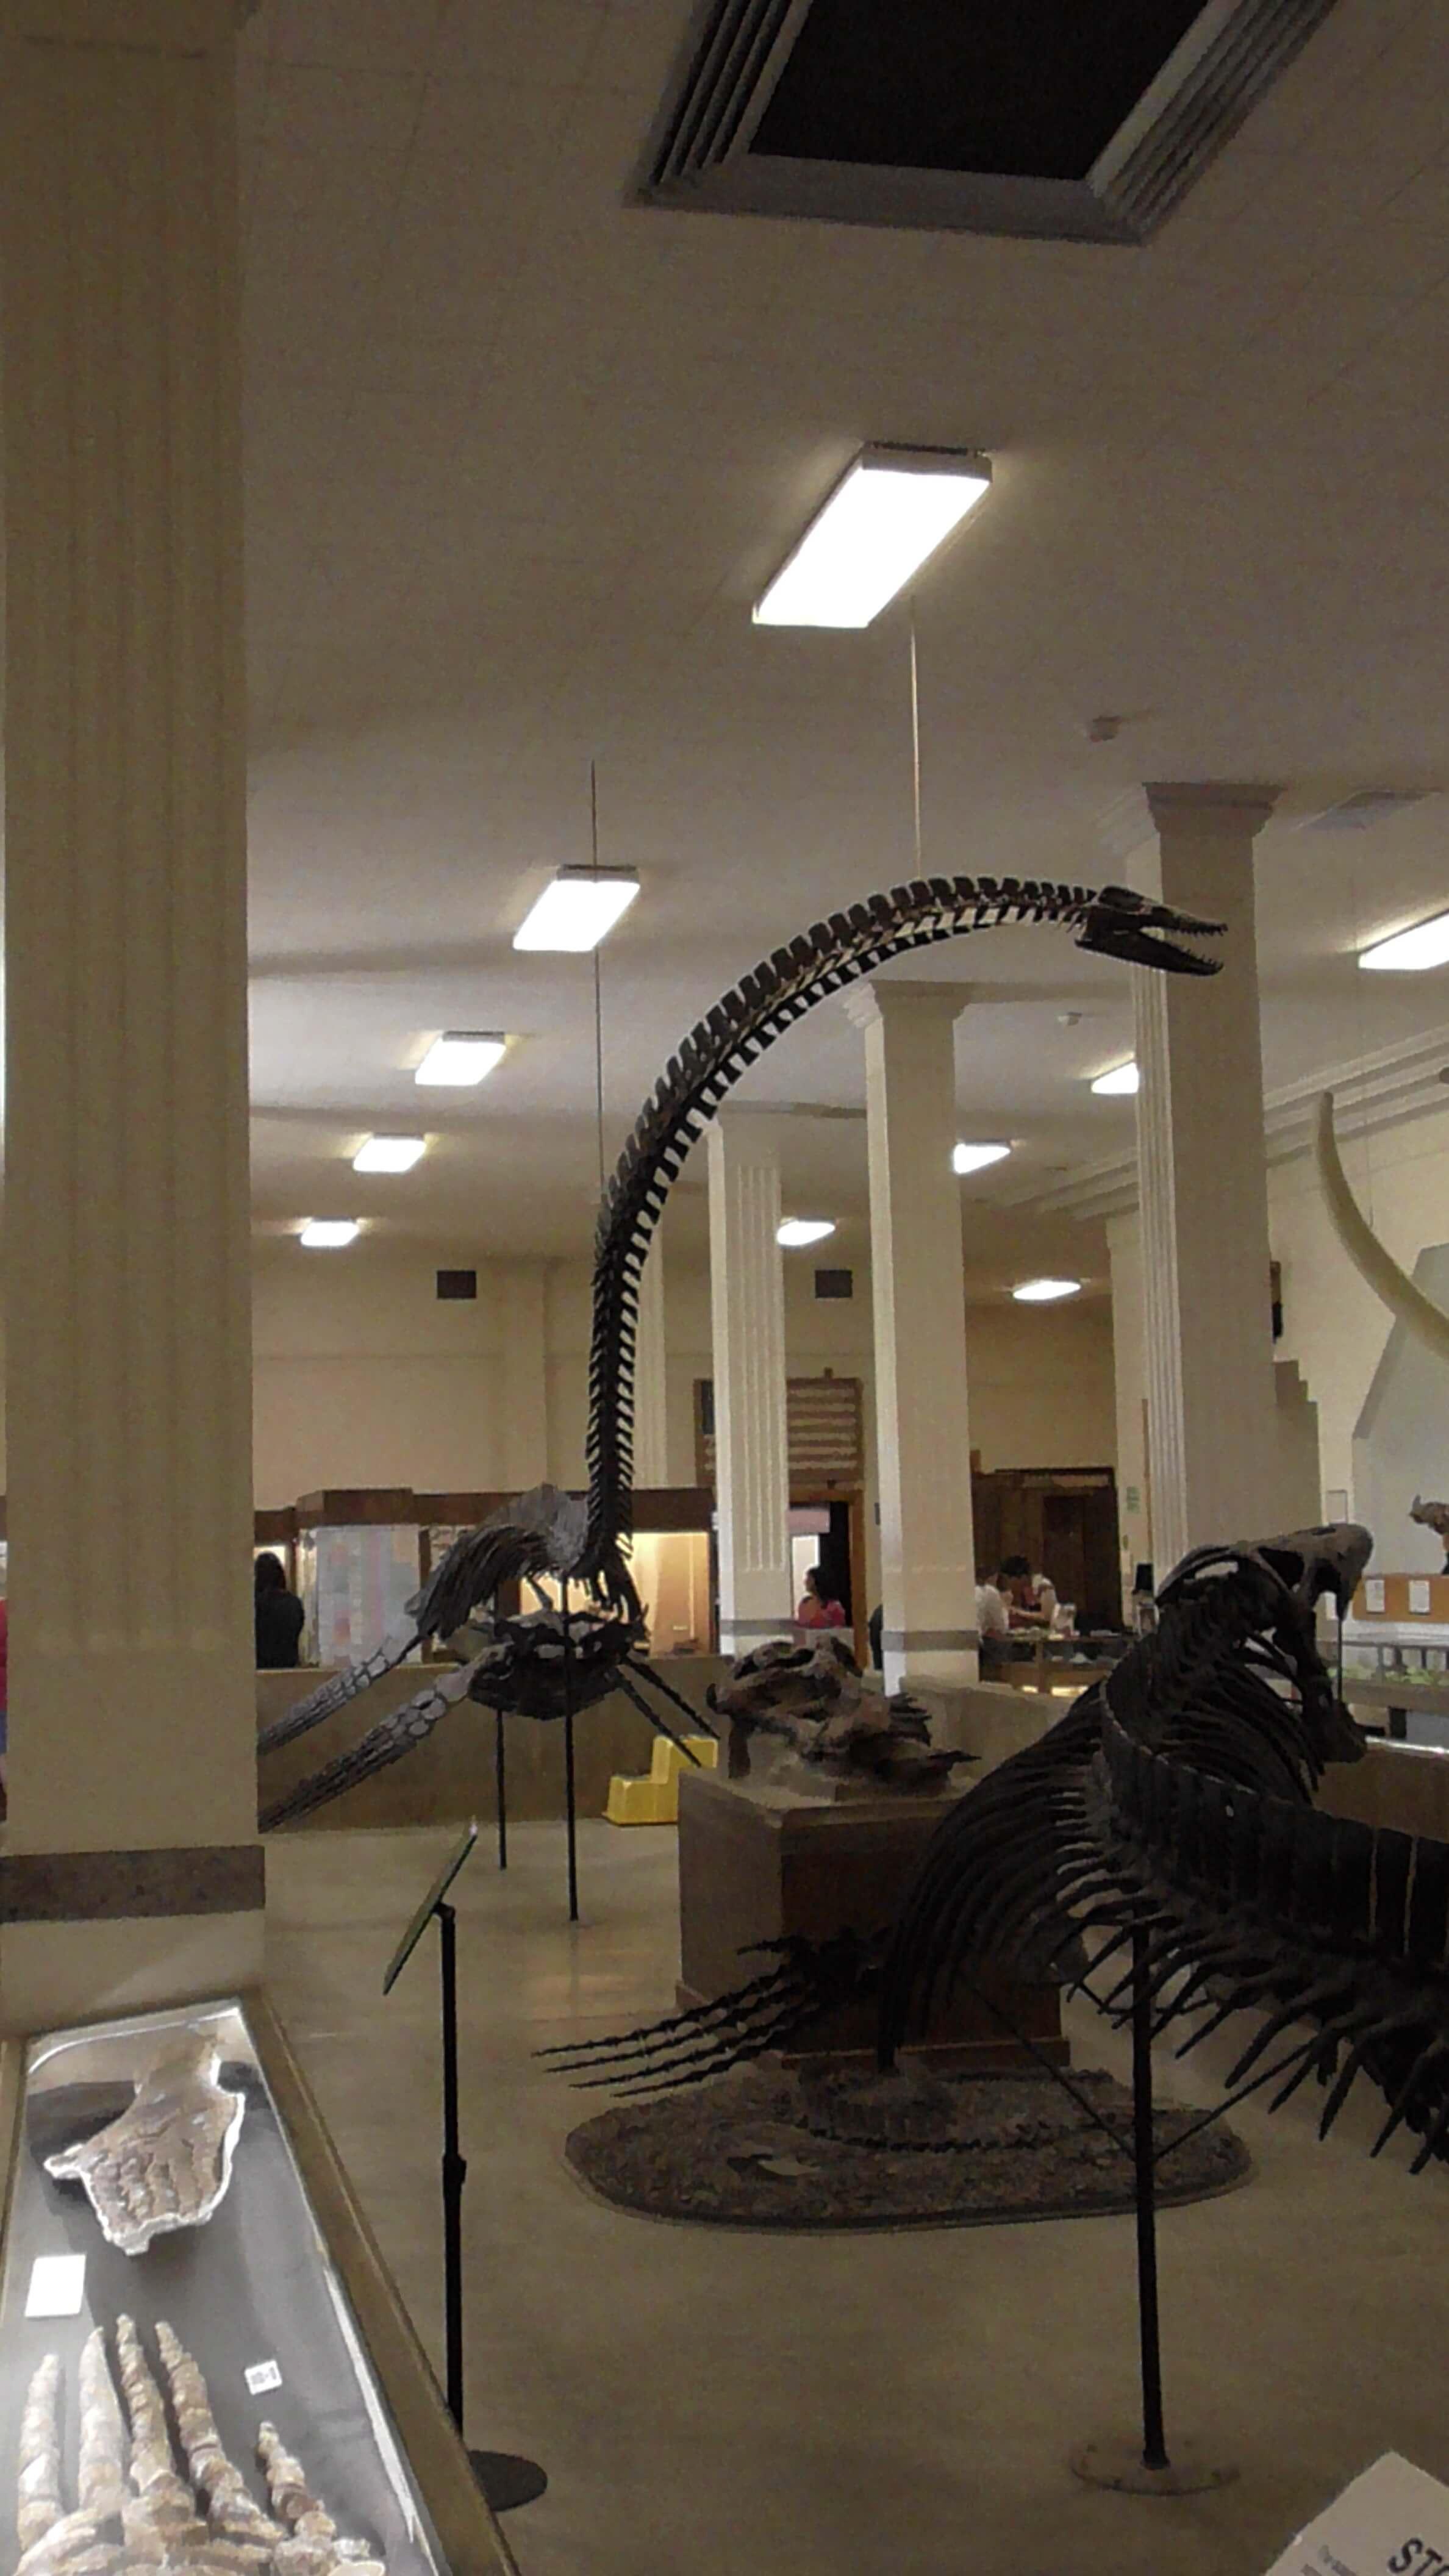 Pleiosaurus